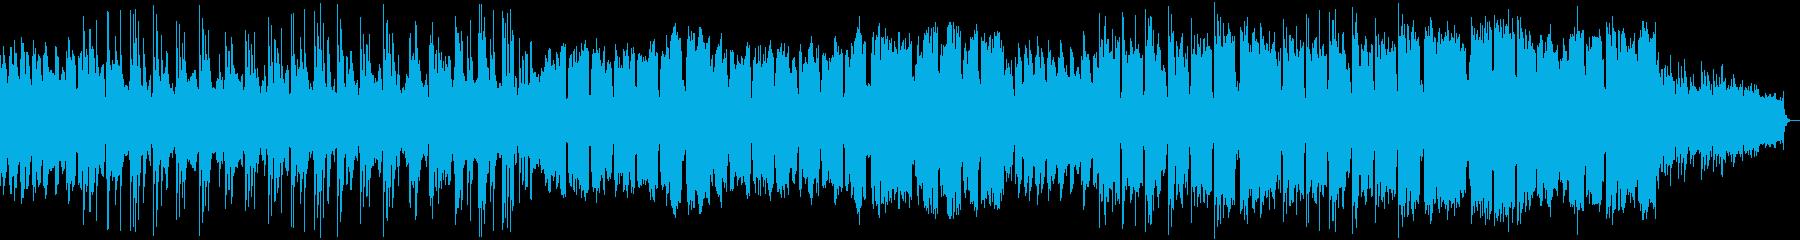 ピアノメインの鳥が空を飛ぶイメージの楽曲の再生済みの波形